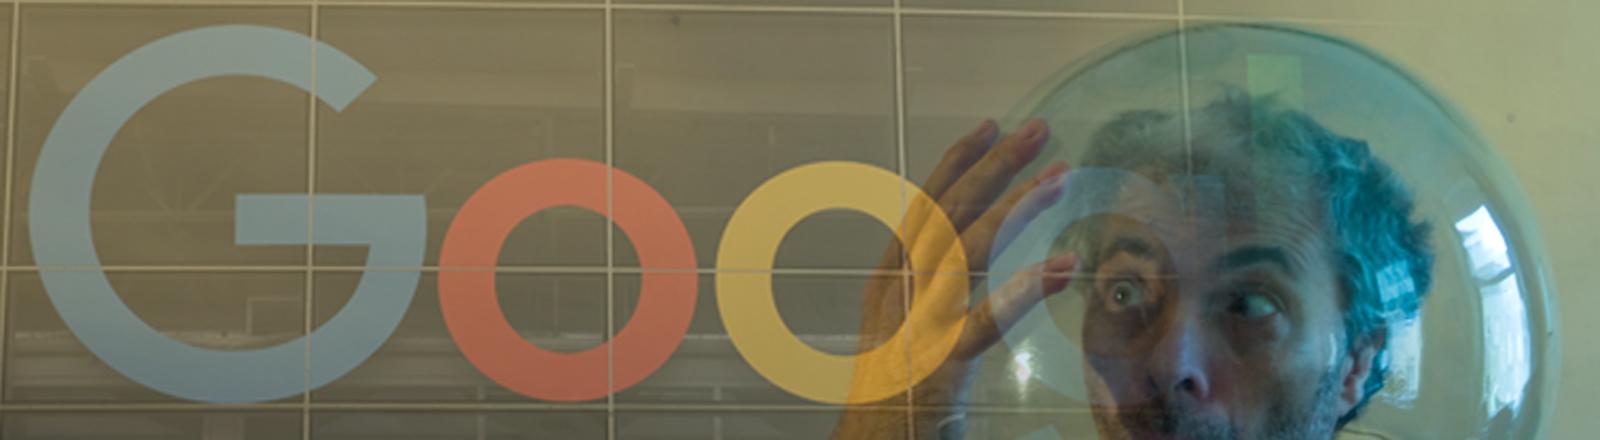 Ein Mann in einer Filterblase und Google.